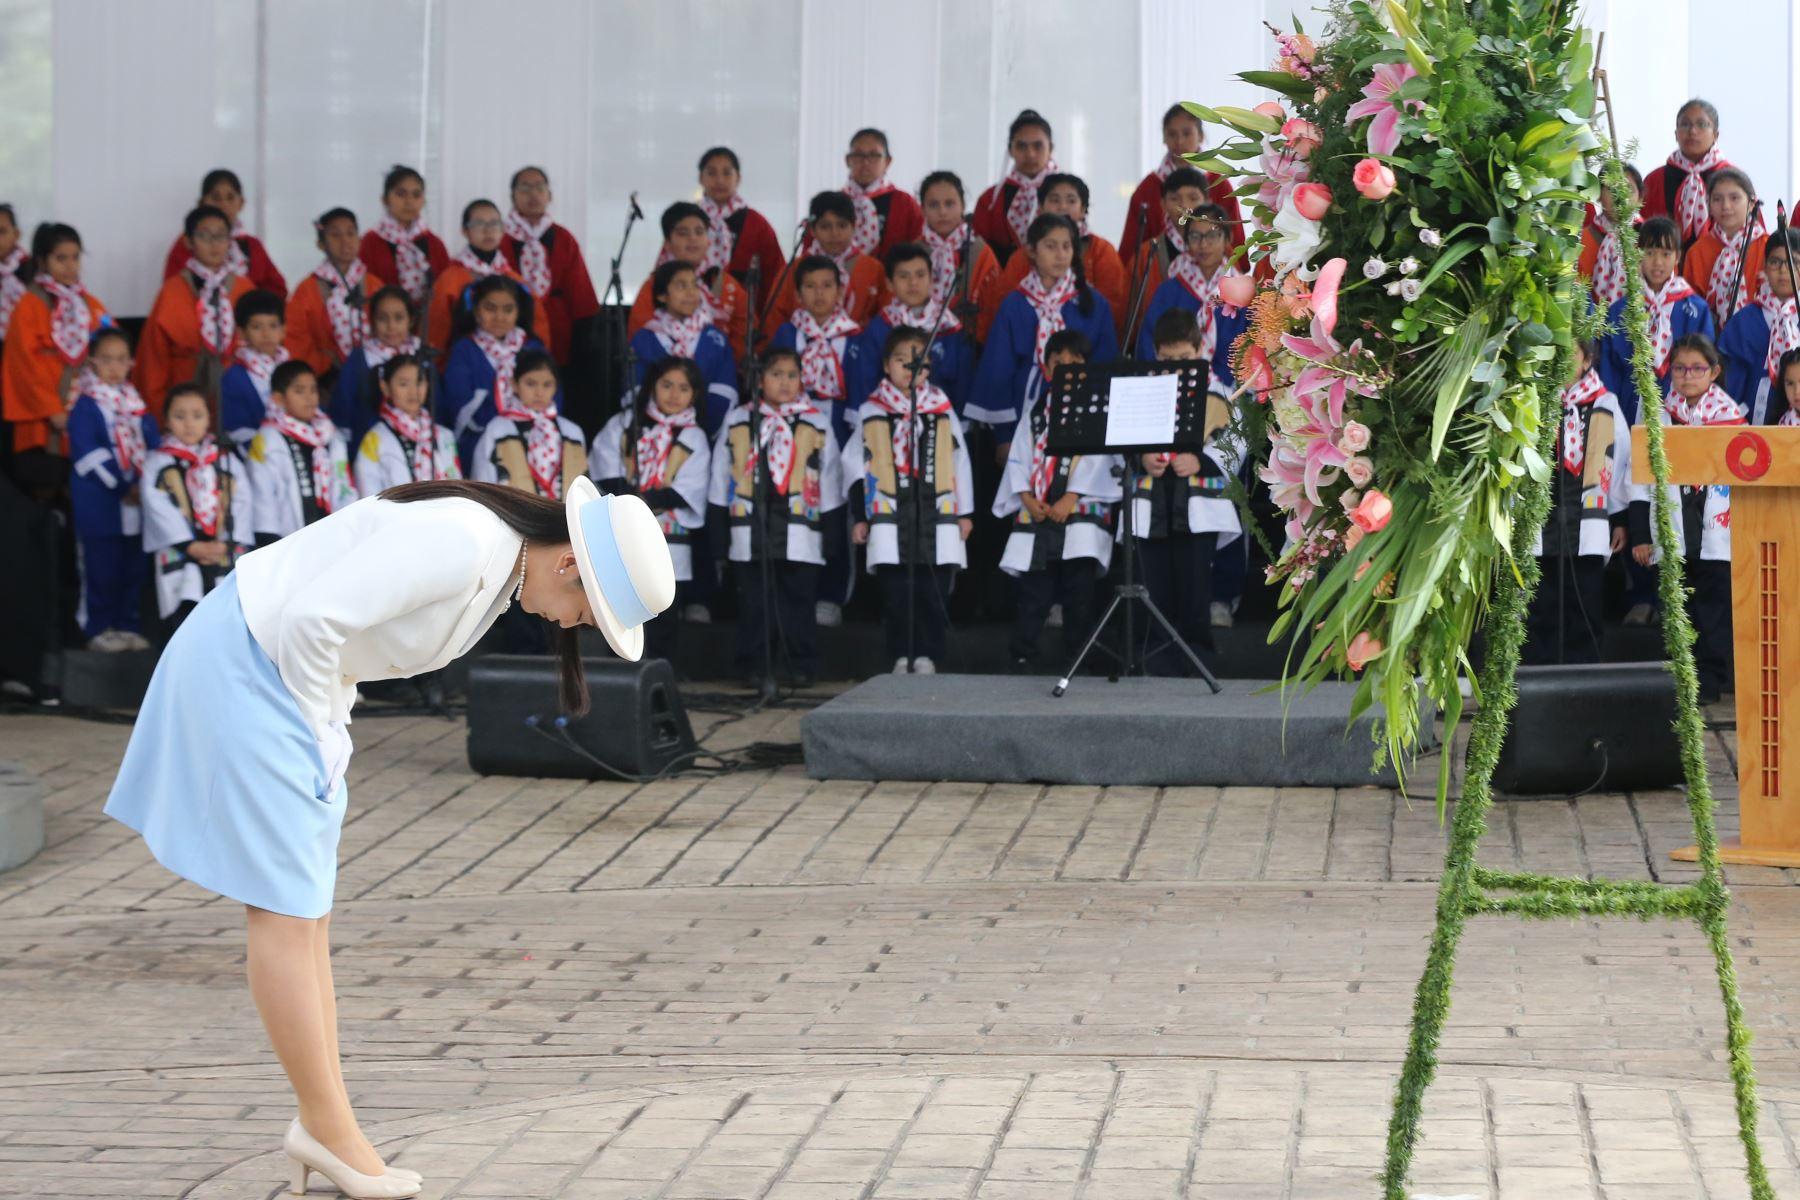 La Princesa Mako, participa de la conmemoración de los 120 Años de la Inmigración Japonesa al Perú. Foto: ANDINA/ Norman Córdova